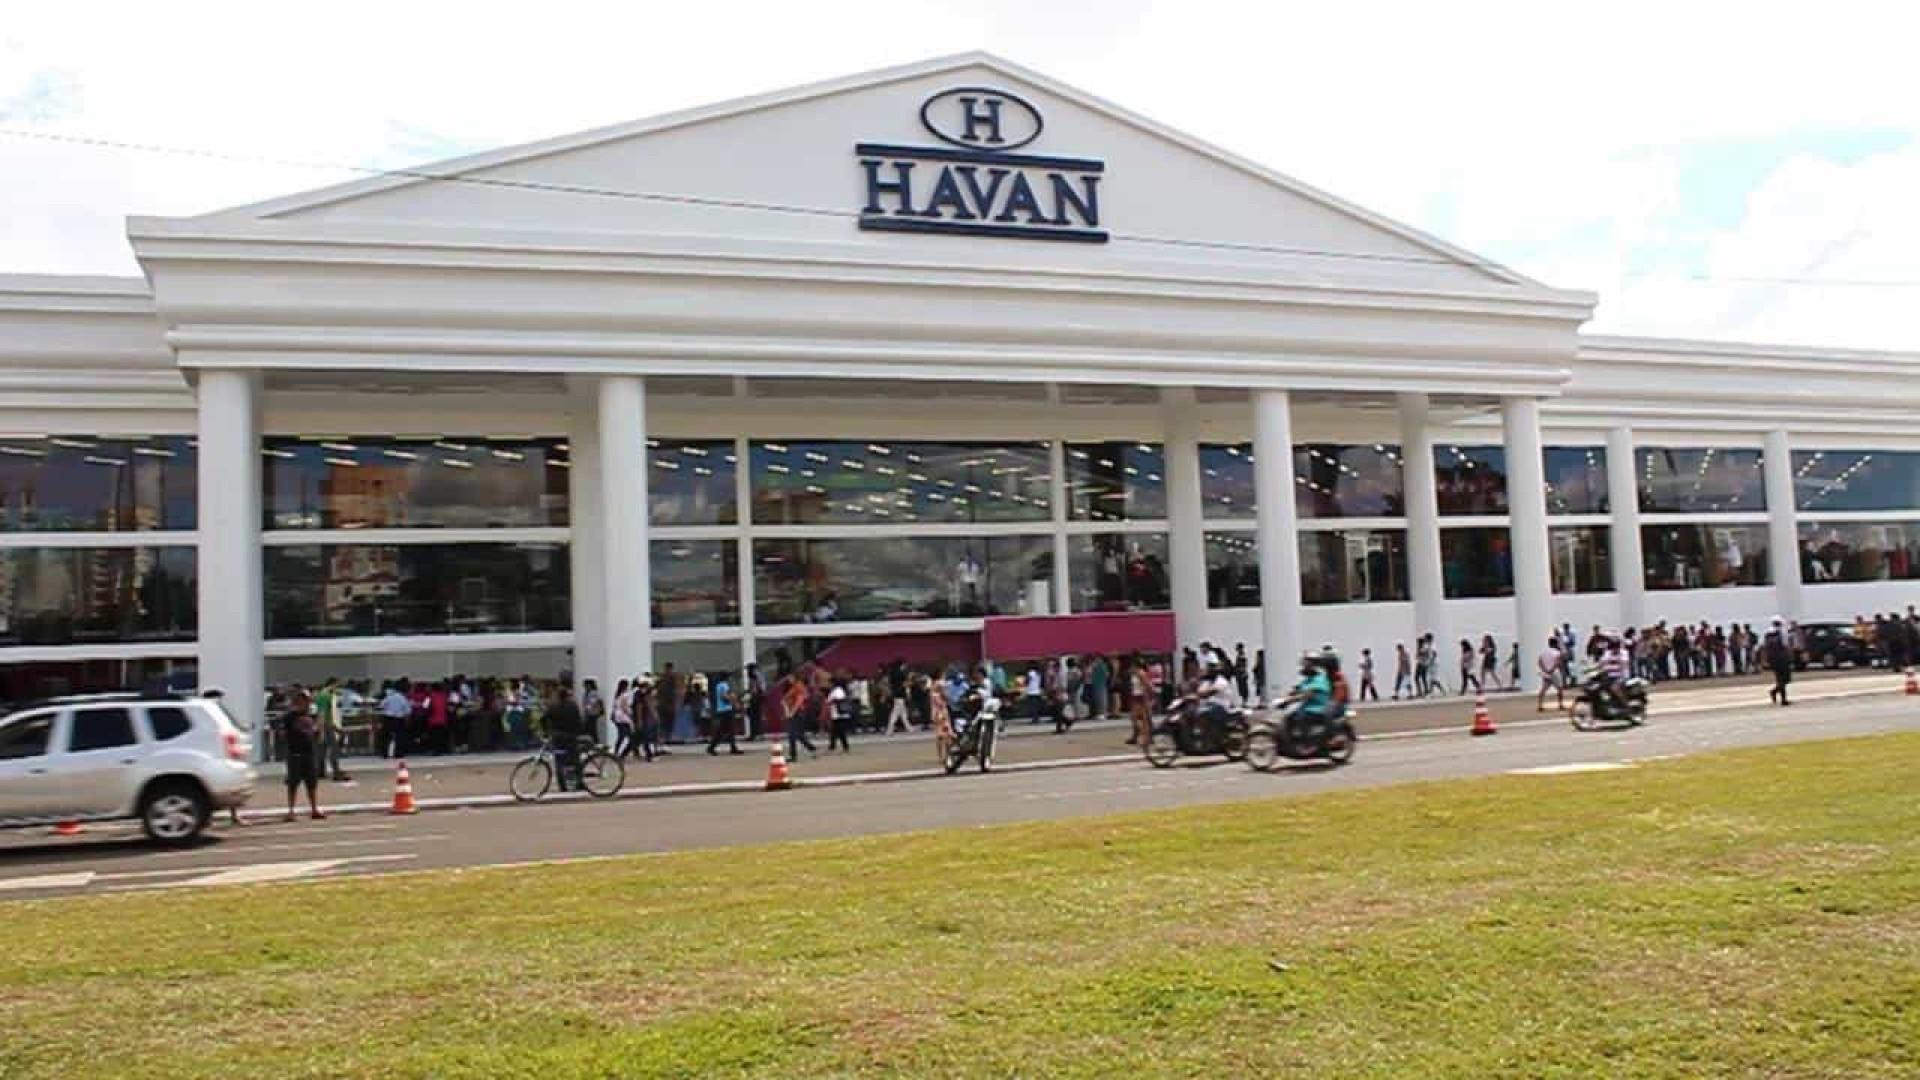 Dono da Havan sonegou R$ 2,5 mi, afirma Receita Federal